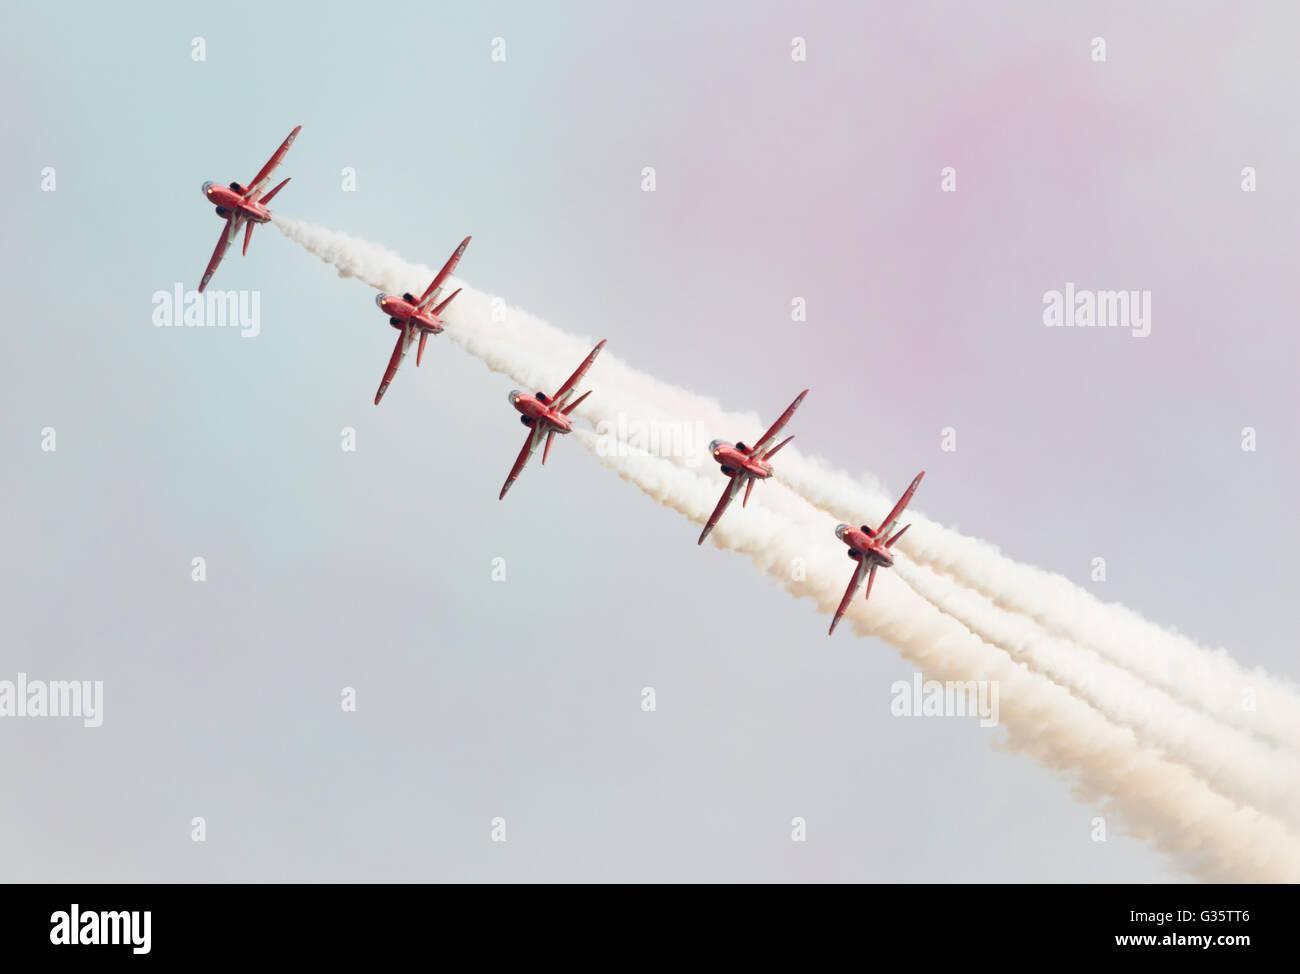 Las flechas rojas del equipo acrobático de la RAF volando hacia la cámara, Duxford American Airshow, Duxford Imagen De Stock